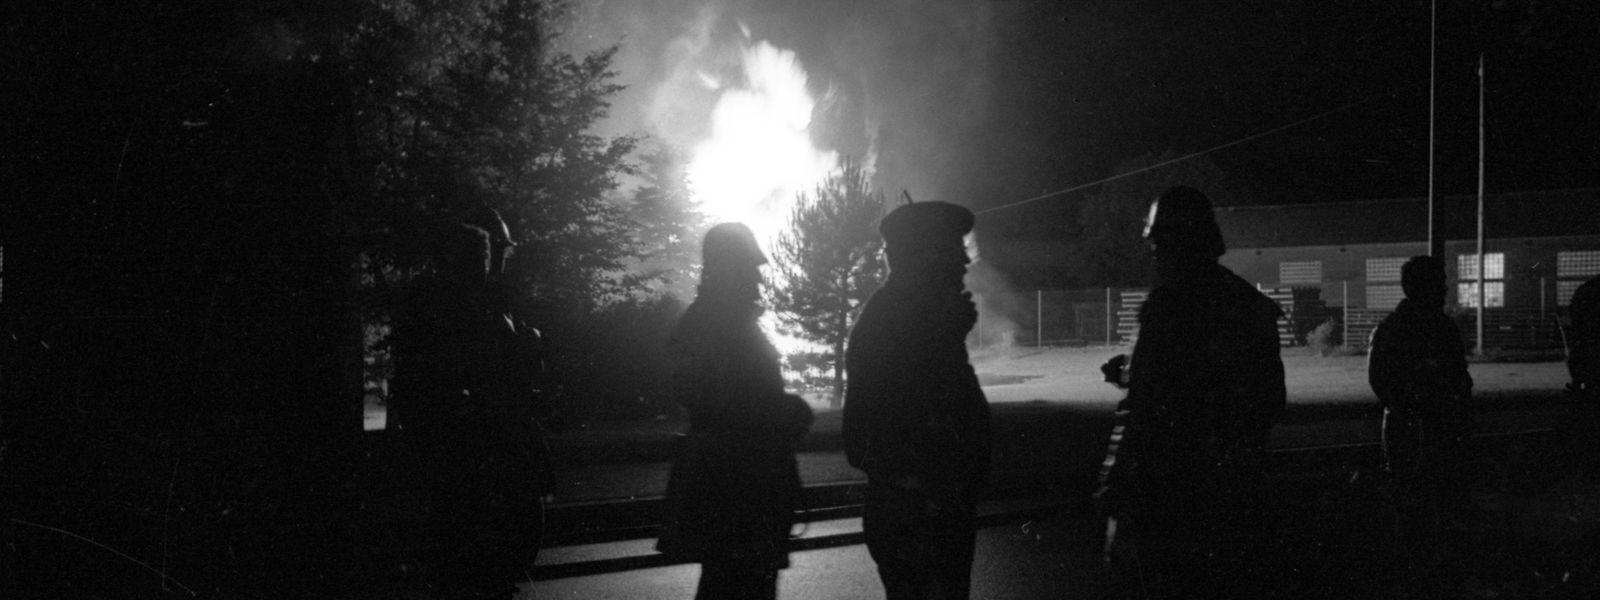 Bei mehreren Attentaten wurde duldend in Kauf genommen, dass Menschen zu Schaden kommen könnten – so auch beim Anschlag am 22. Juni 1985 auf eine Gasleitung in Hollerich.